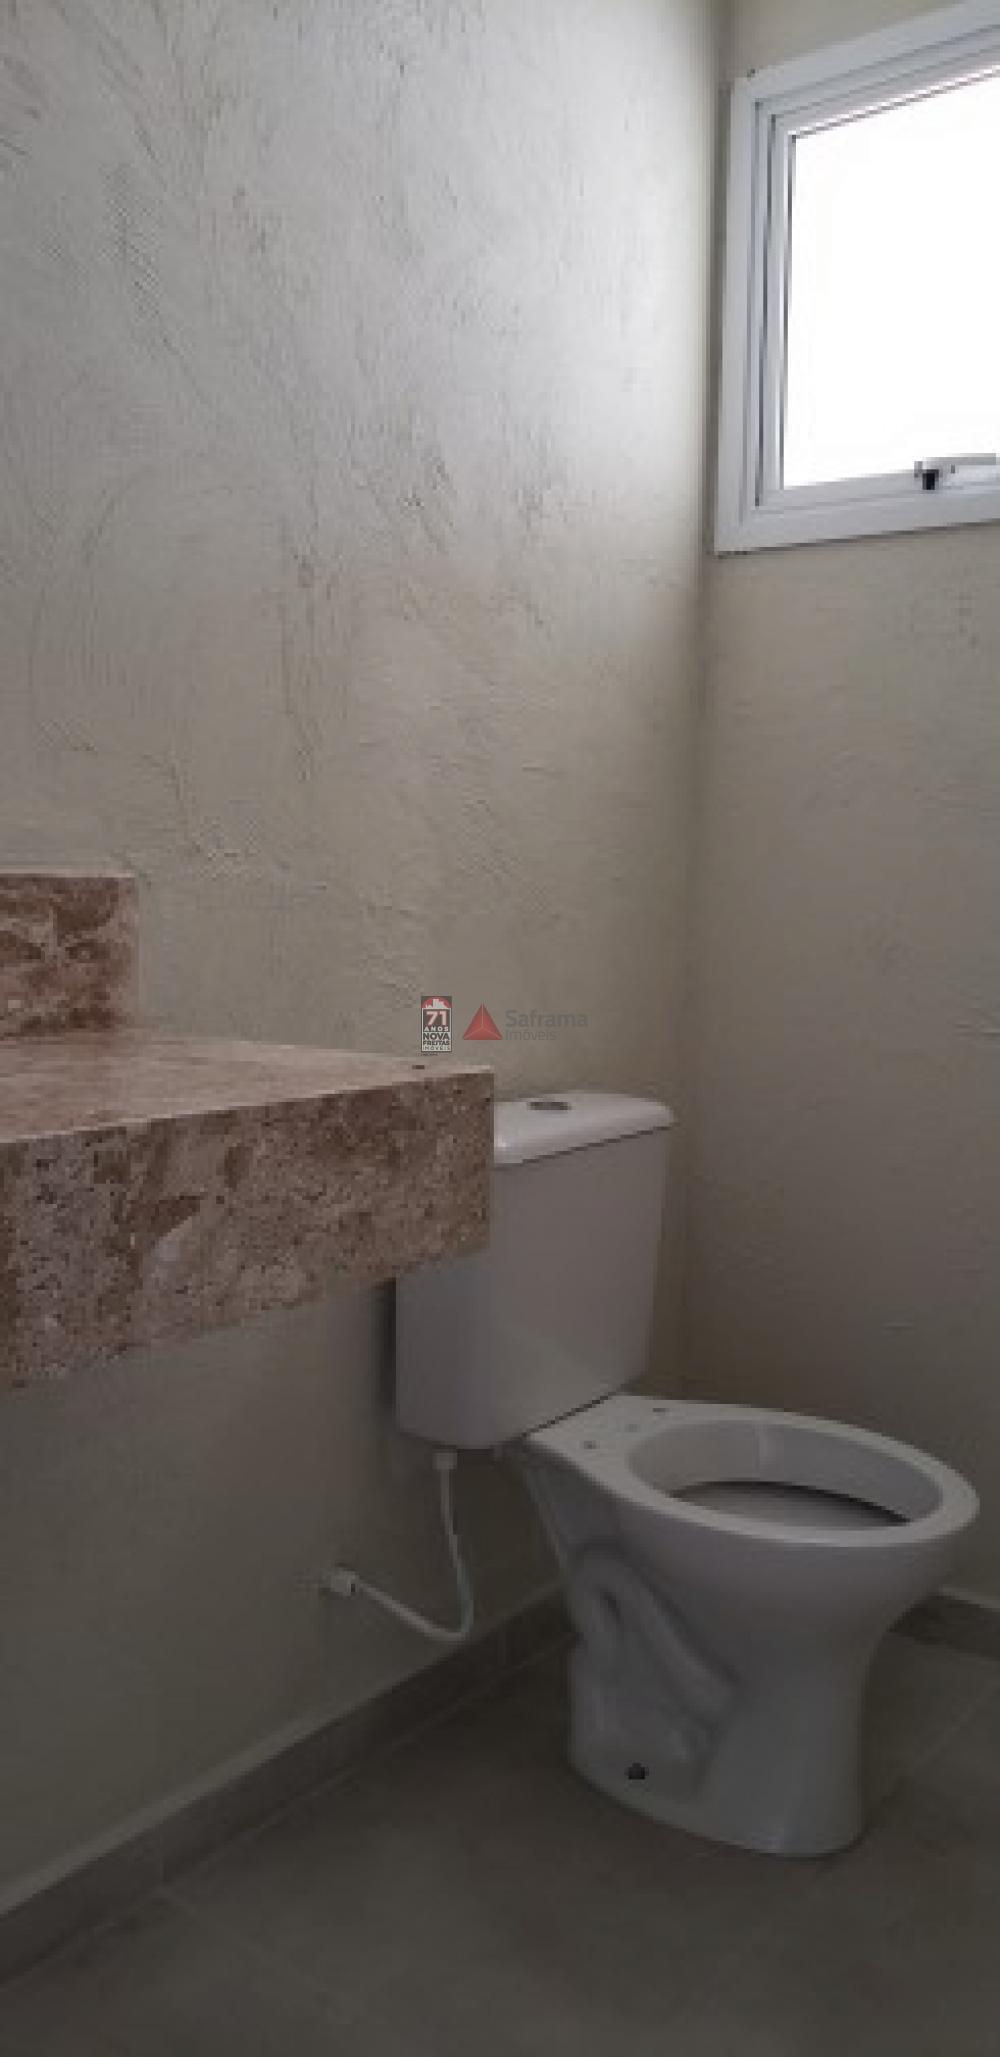 Comprar Casa / (Sobrado em condomínio) em Caraguatatuba apenas R$ 270.000,00 - Foto 8